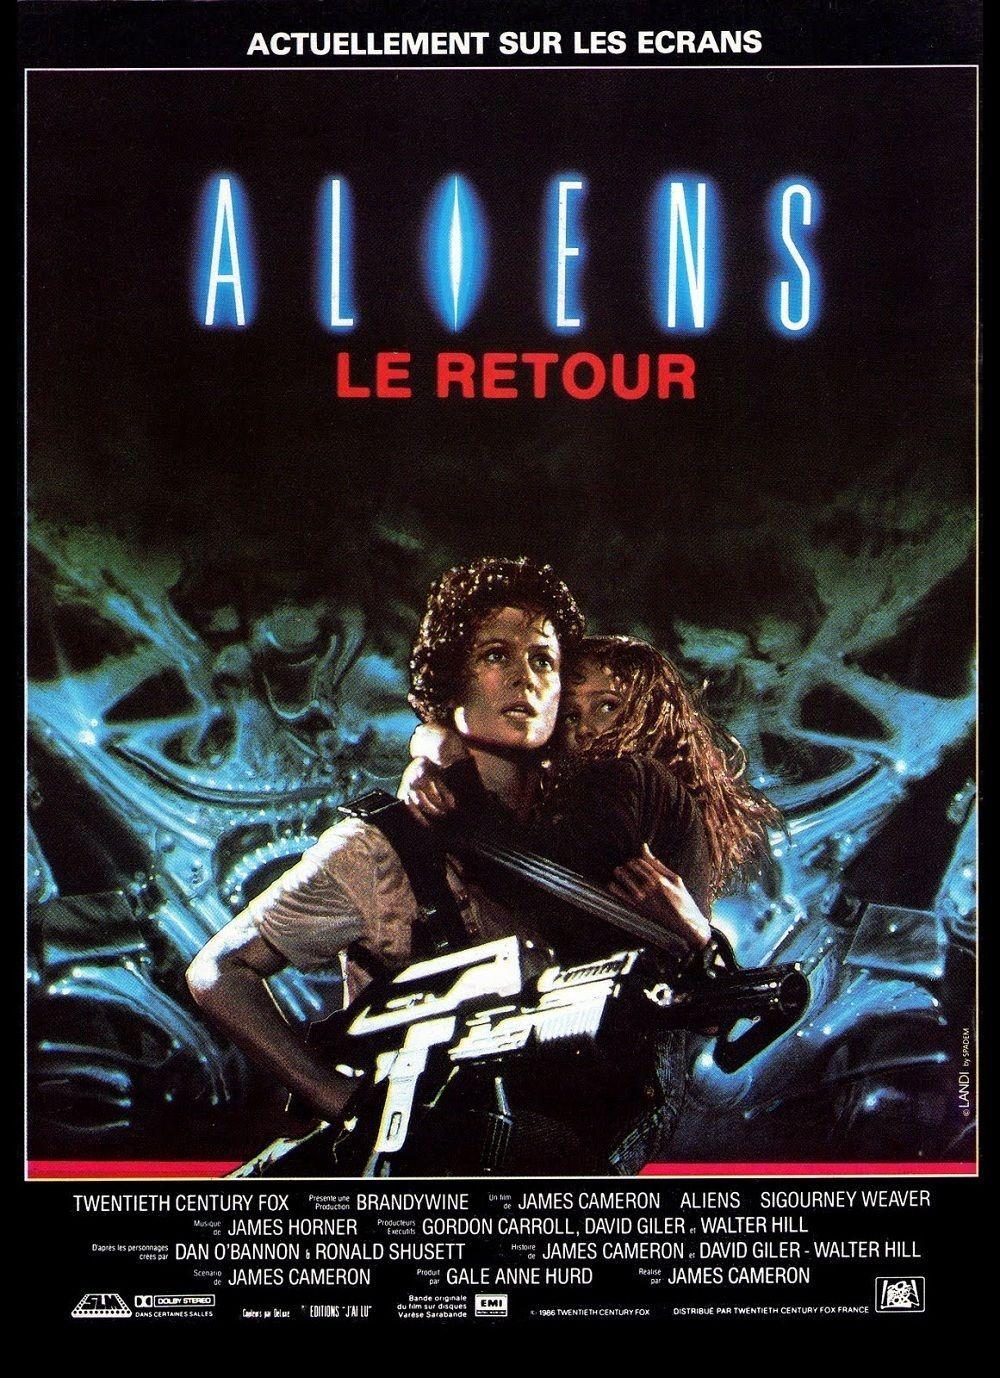 Aliens le retour : Photos et affiches - AlloCiné